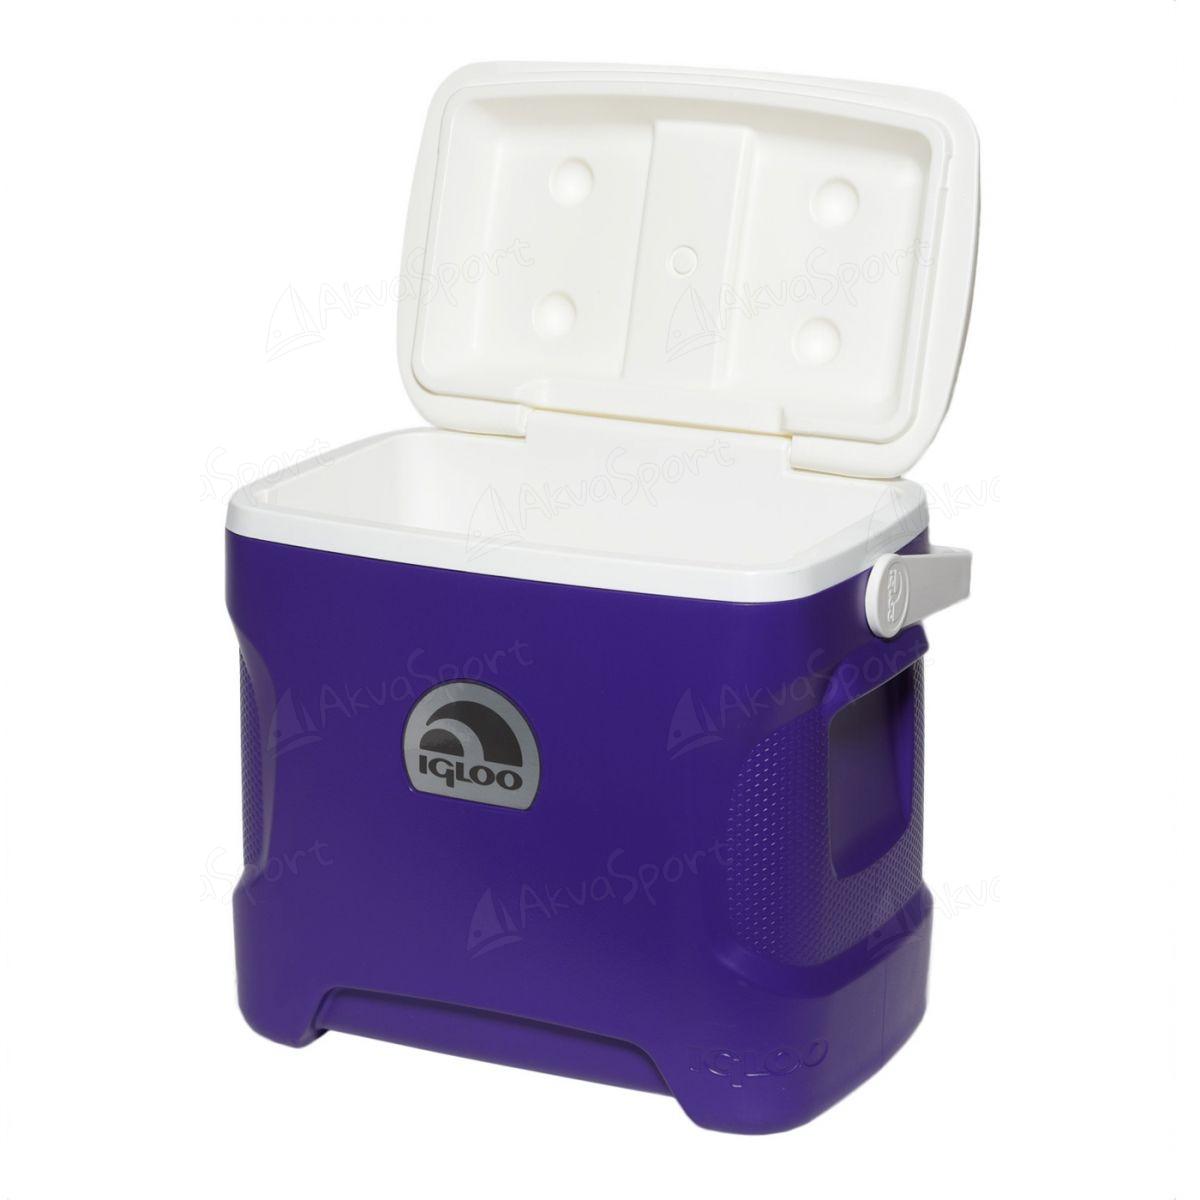 Cooler Igloo Contour 30 Purple